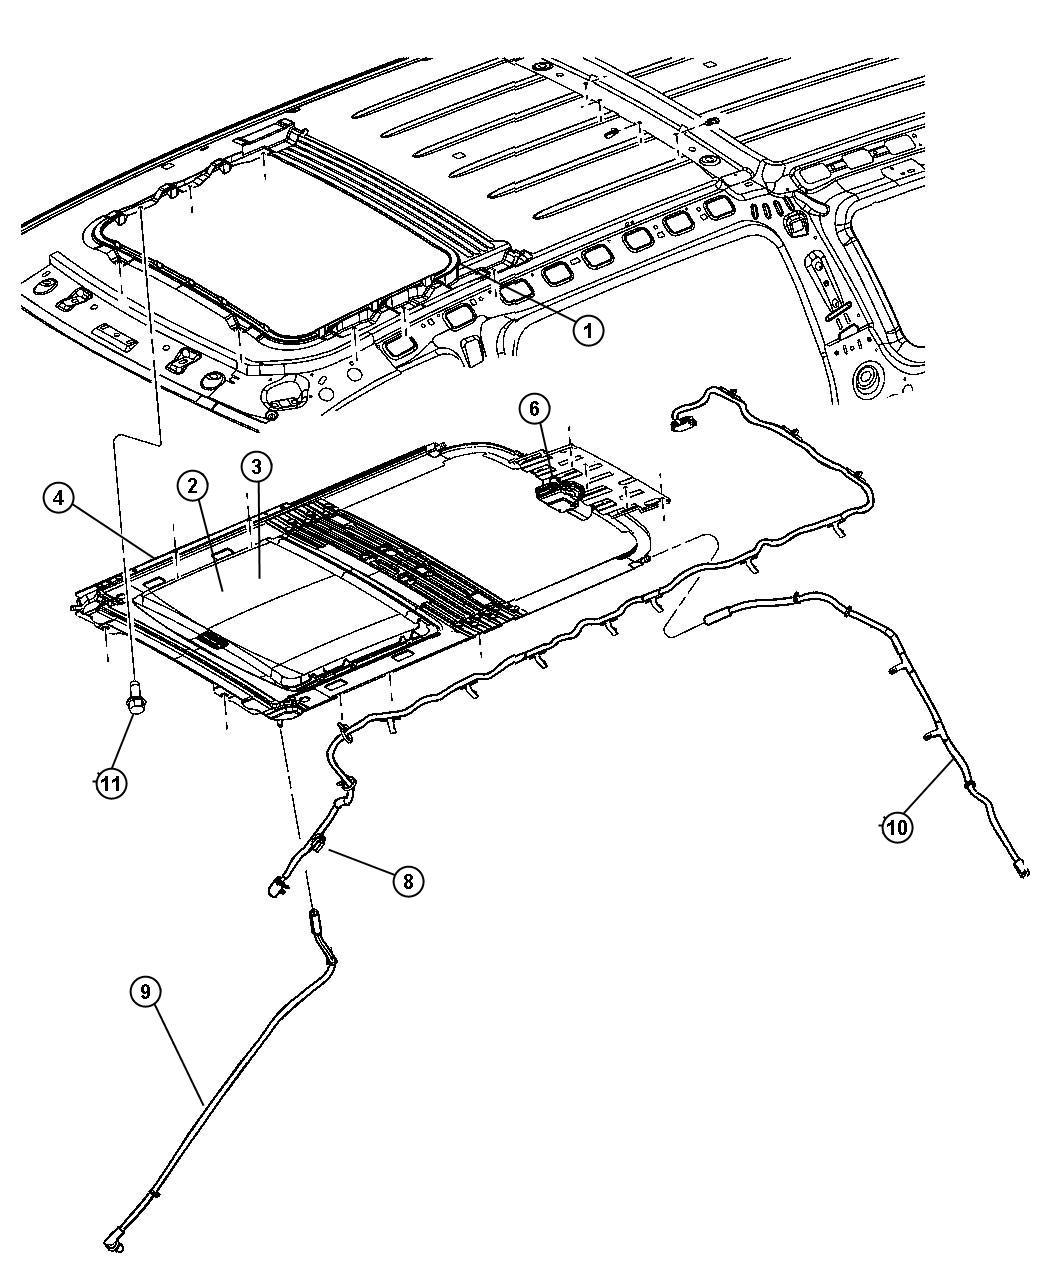 2004 dodge durango engine diagram polaris pool cleaner parts roof auto wiring